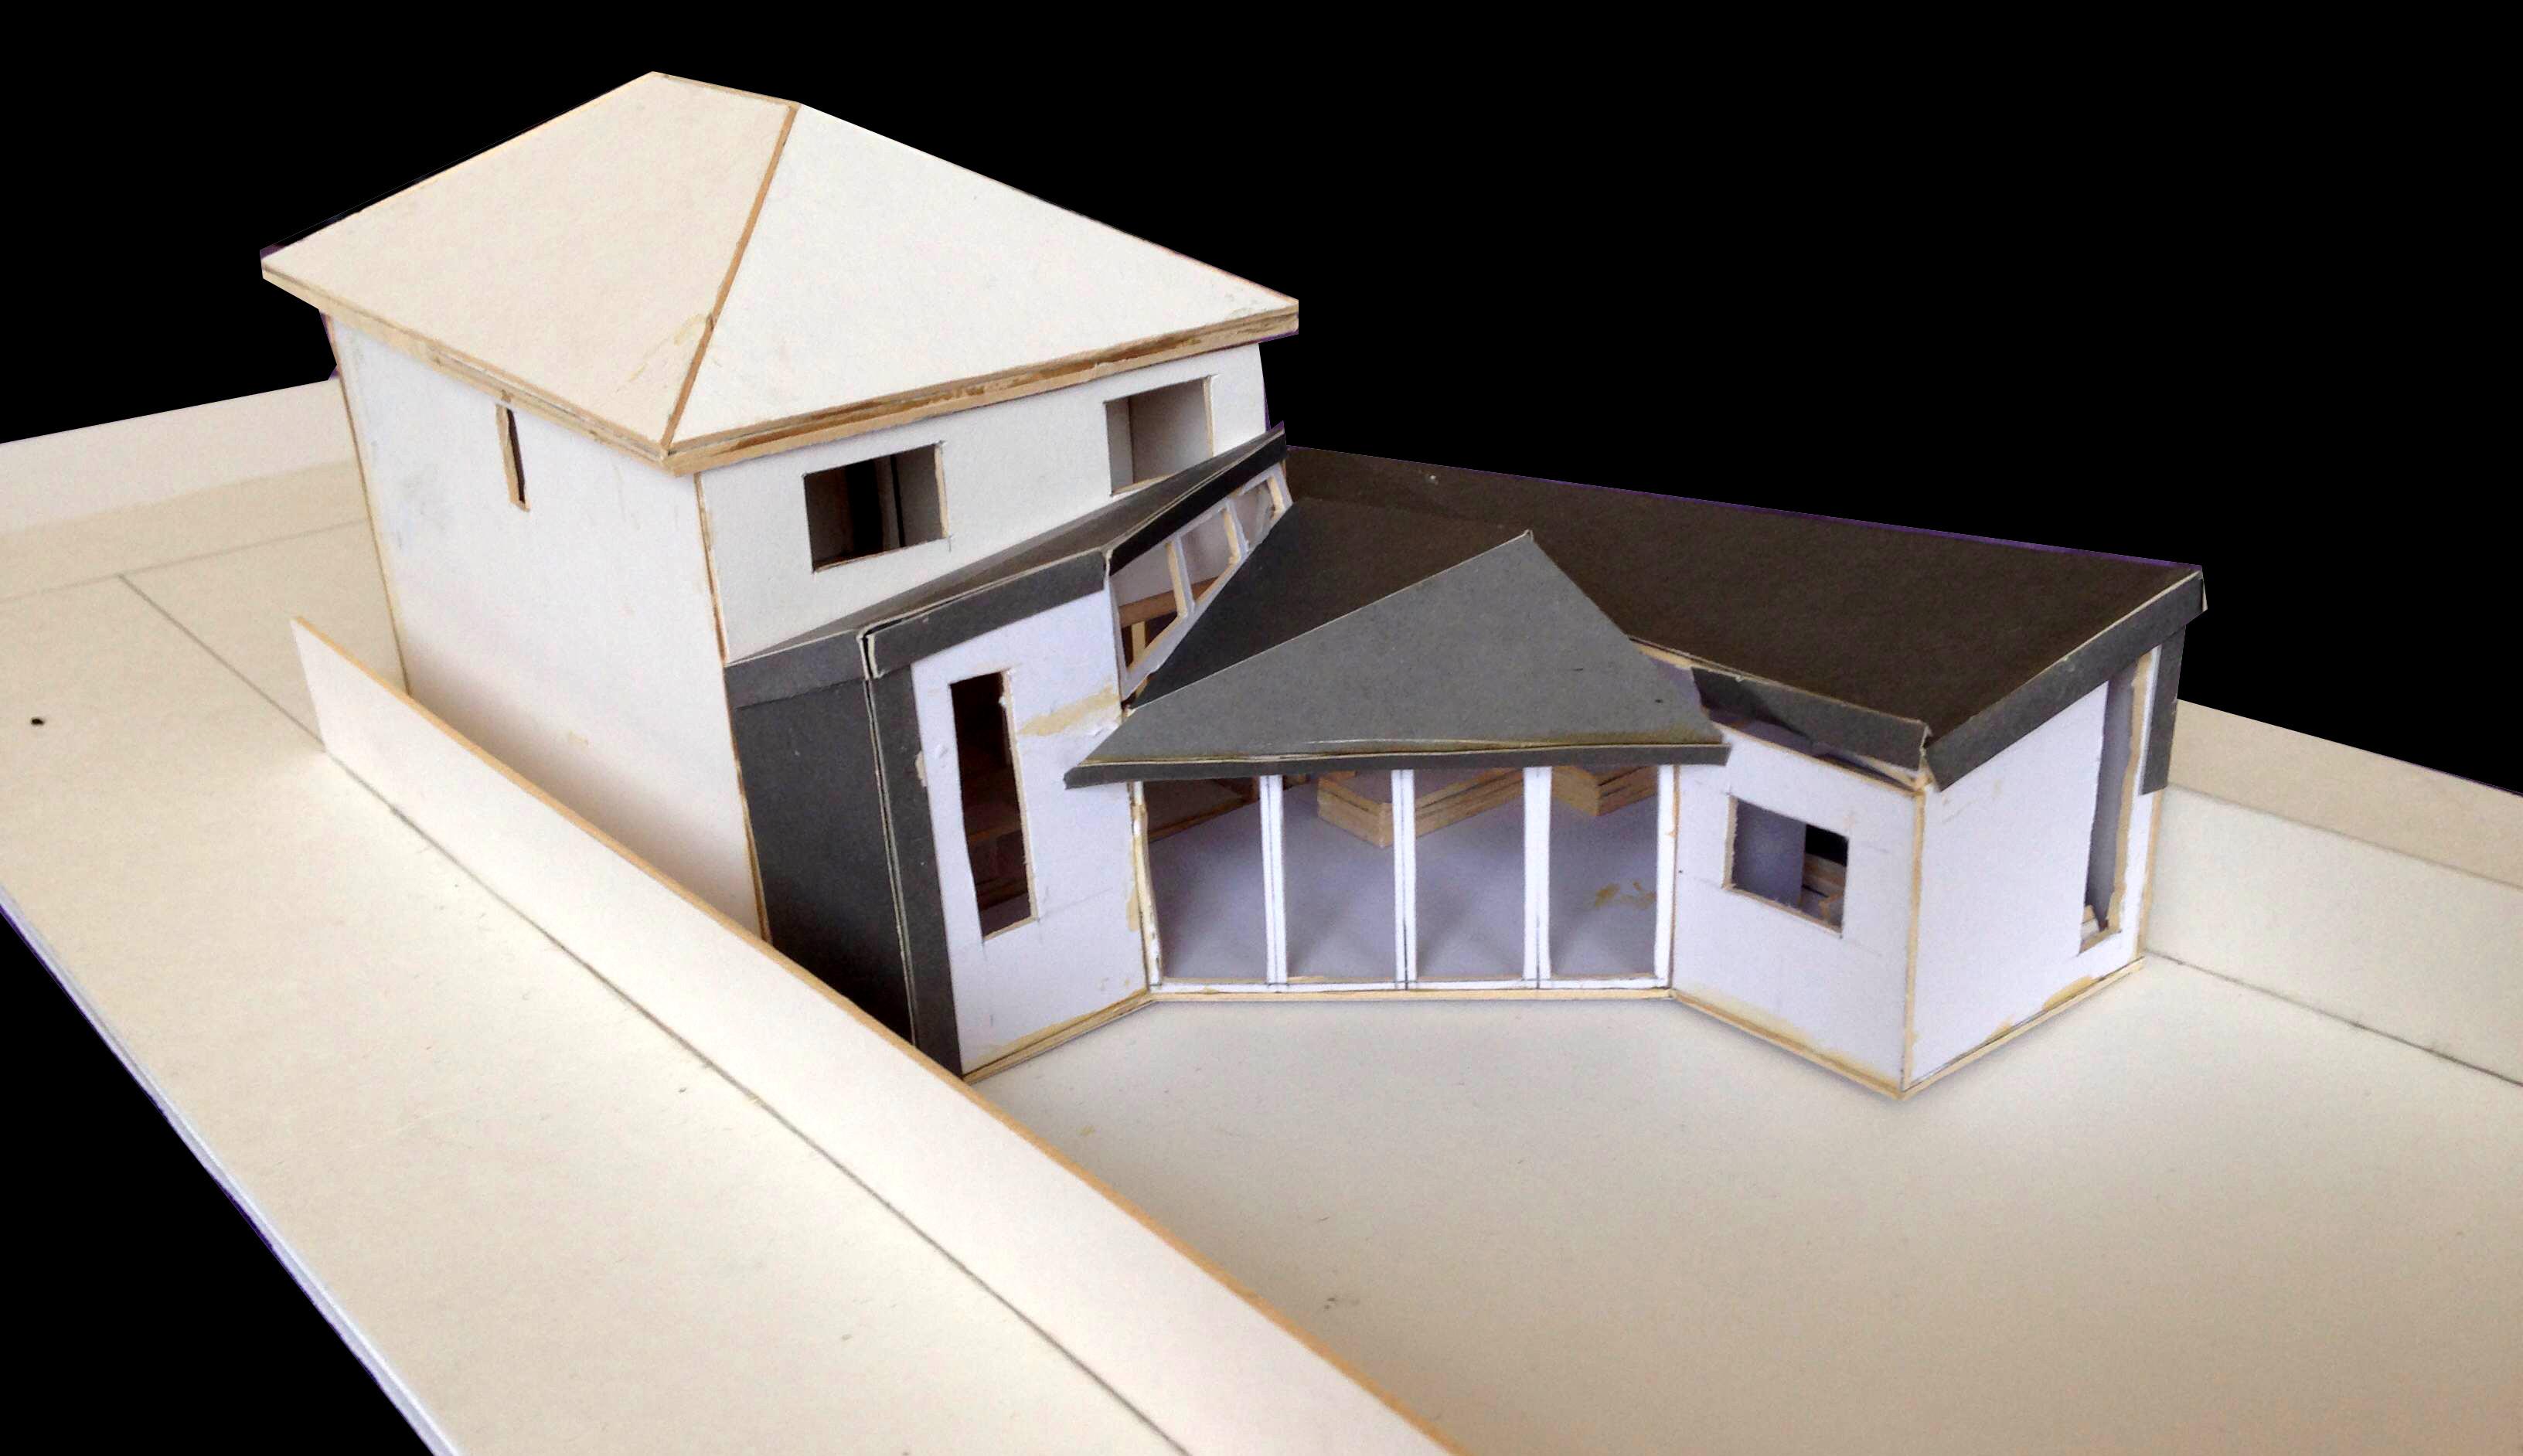 Model Side 2